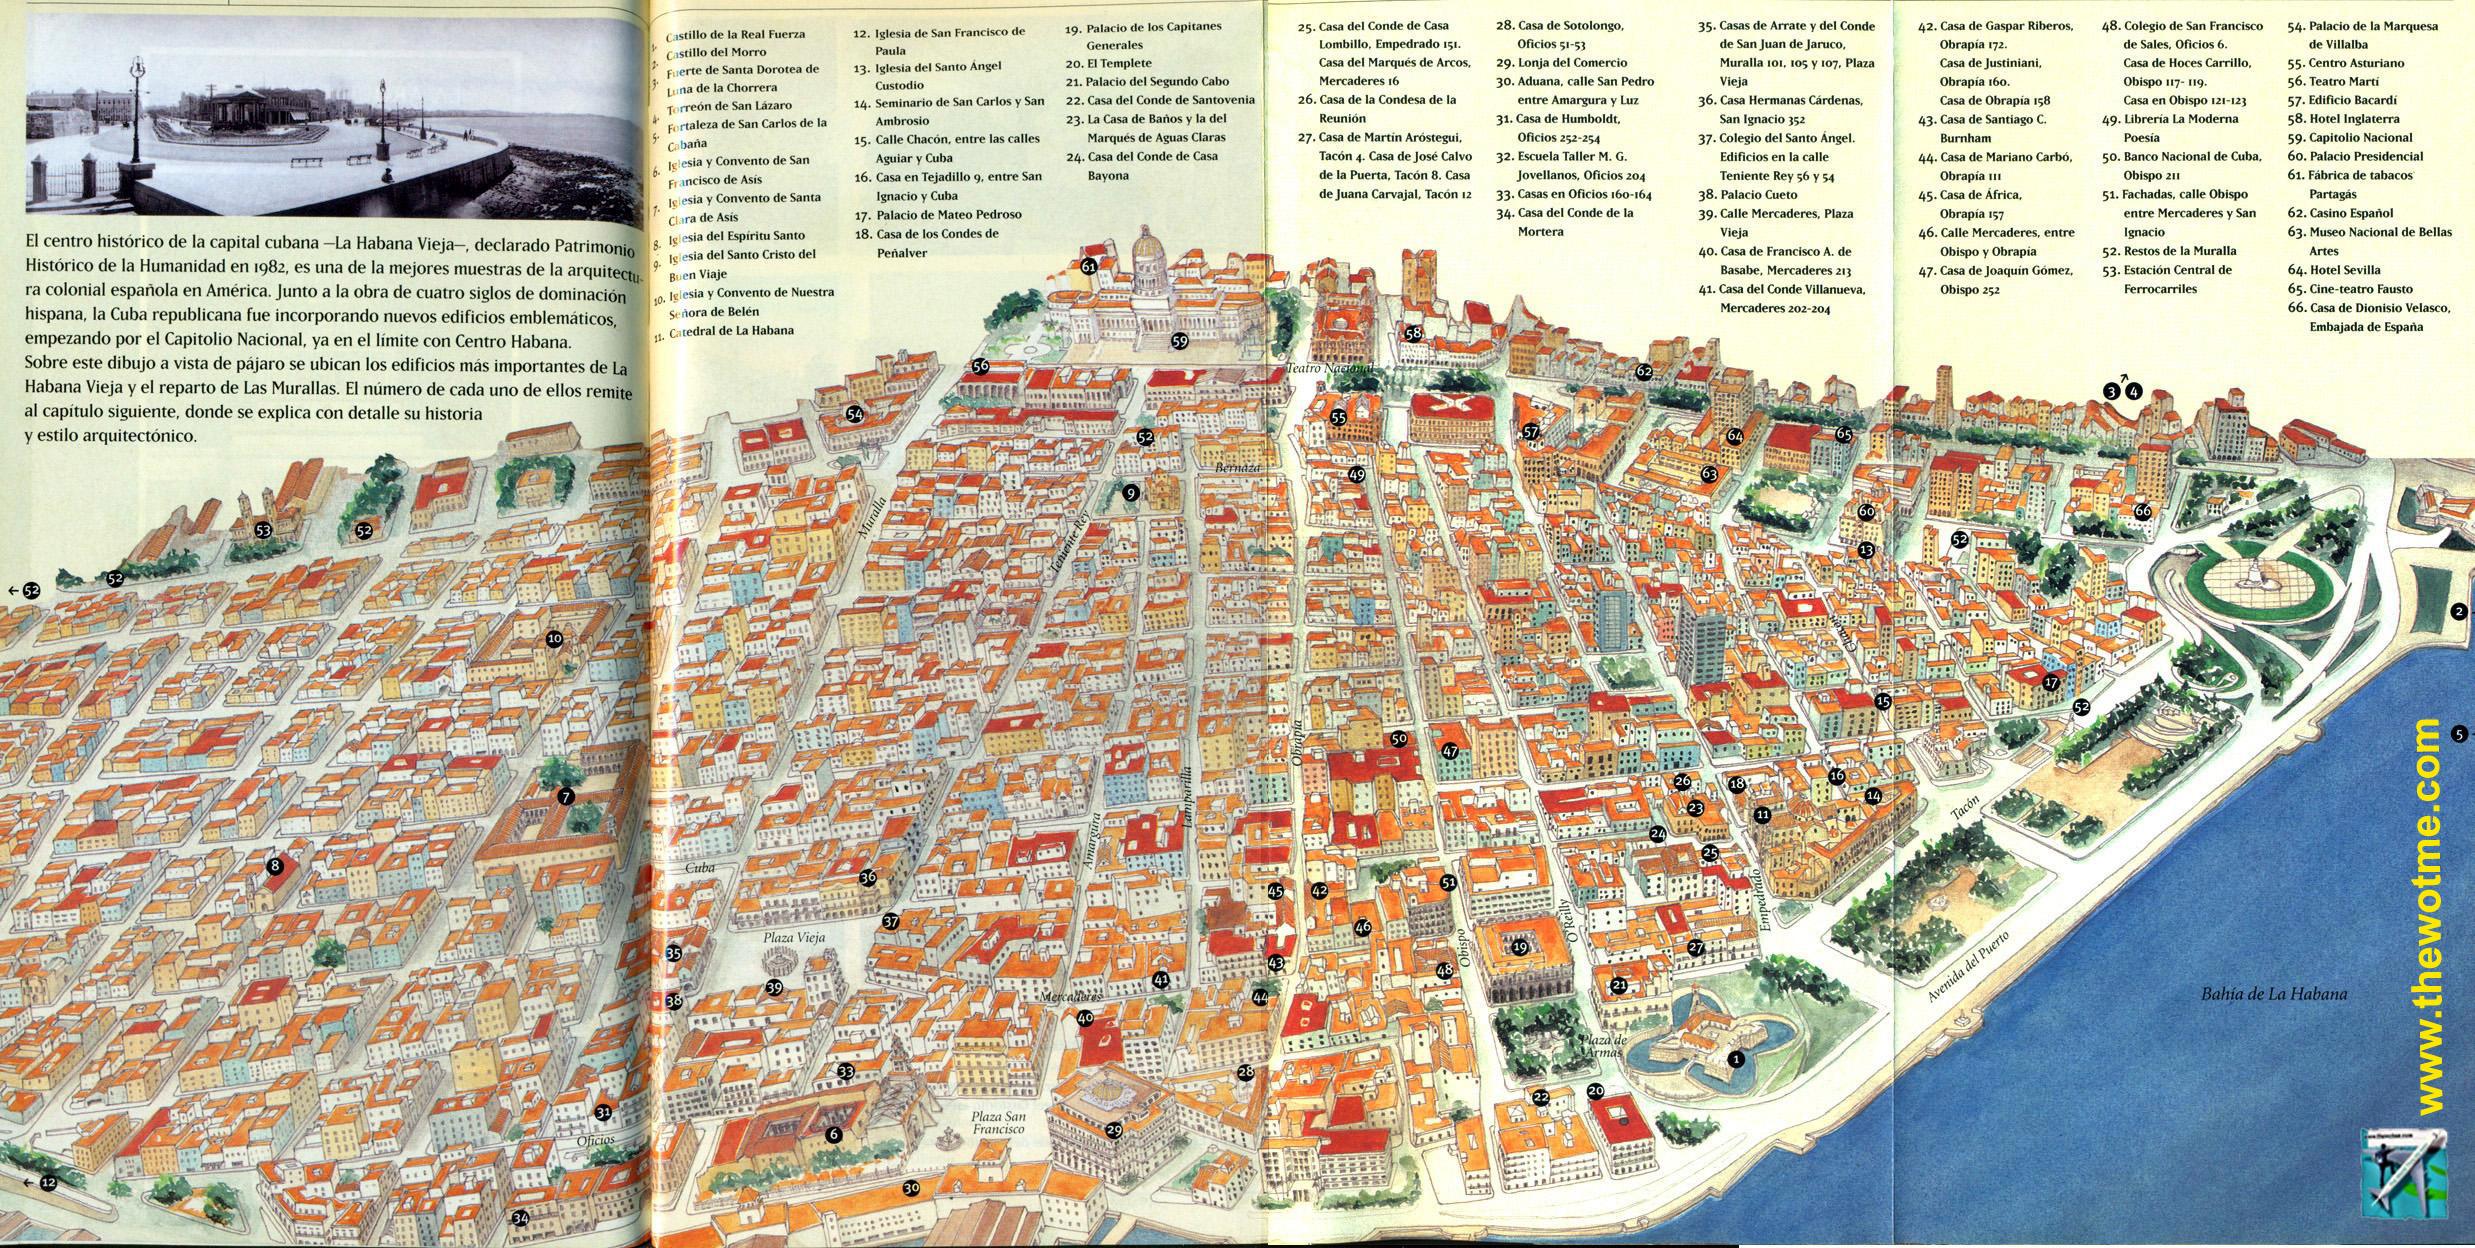 Mapa de La Habana, Cuba la habana vieja y un paseo por sus plazas - 7886049588 d6aa7257a3 o - La Habana vieja y un paseo por sus plazas